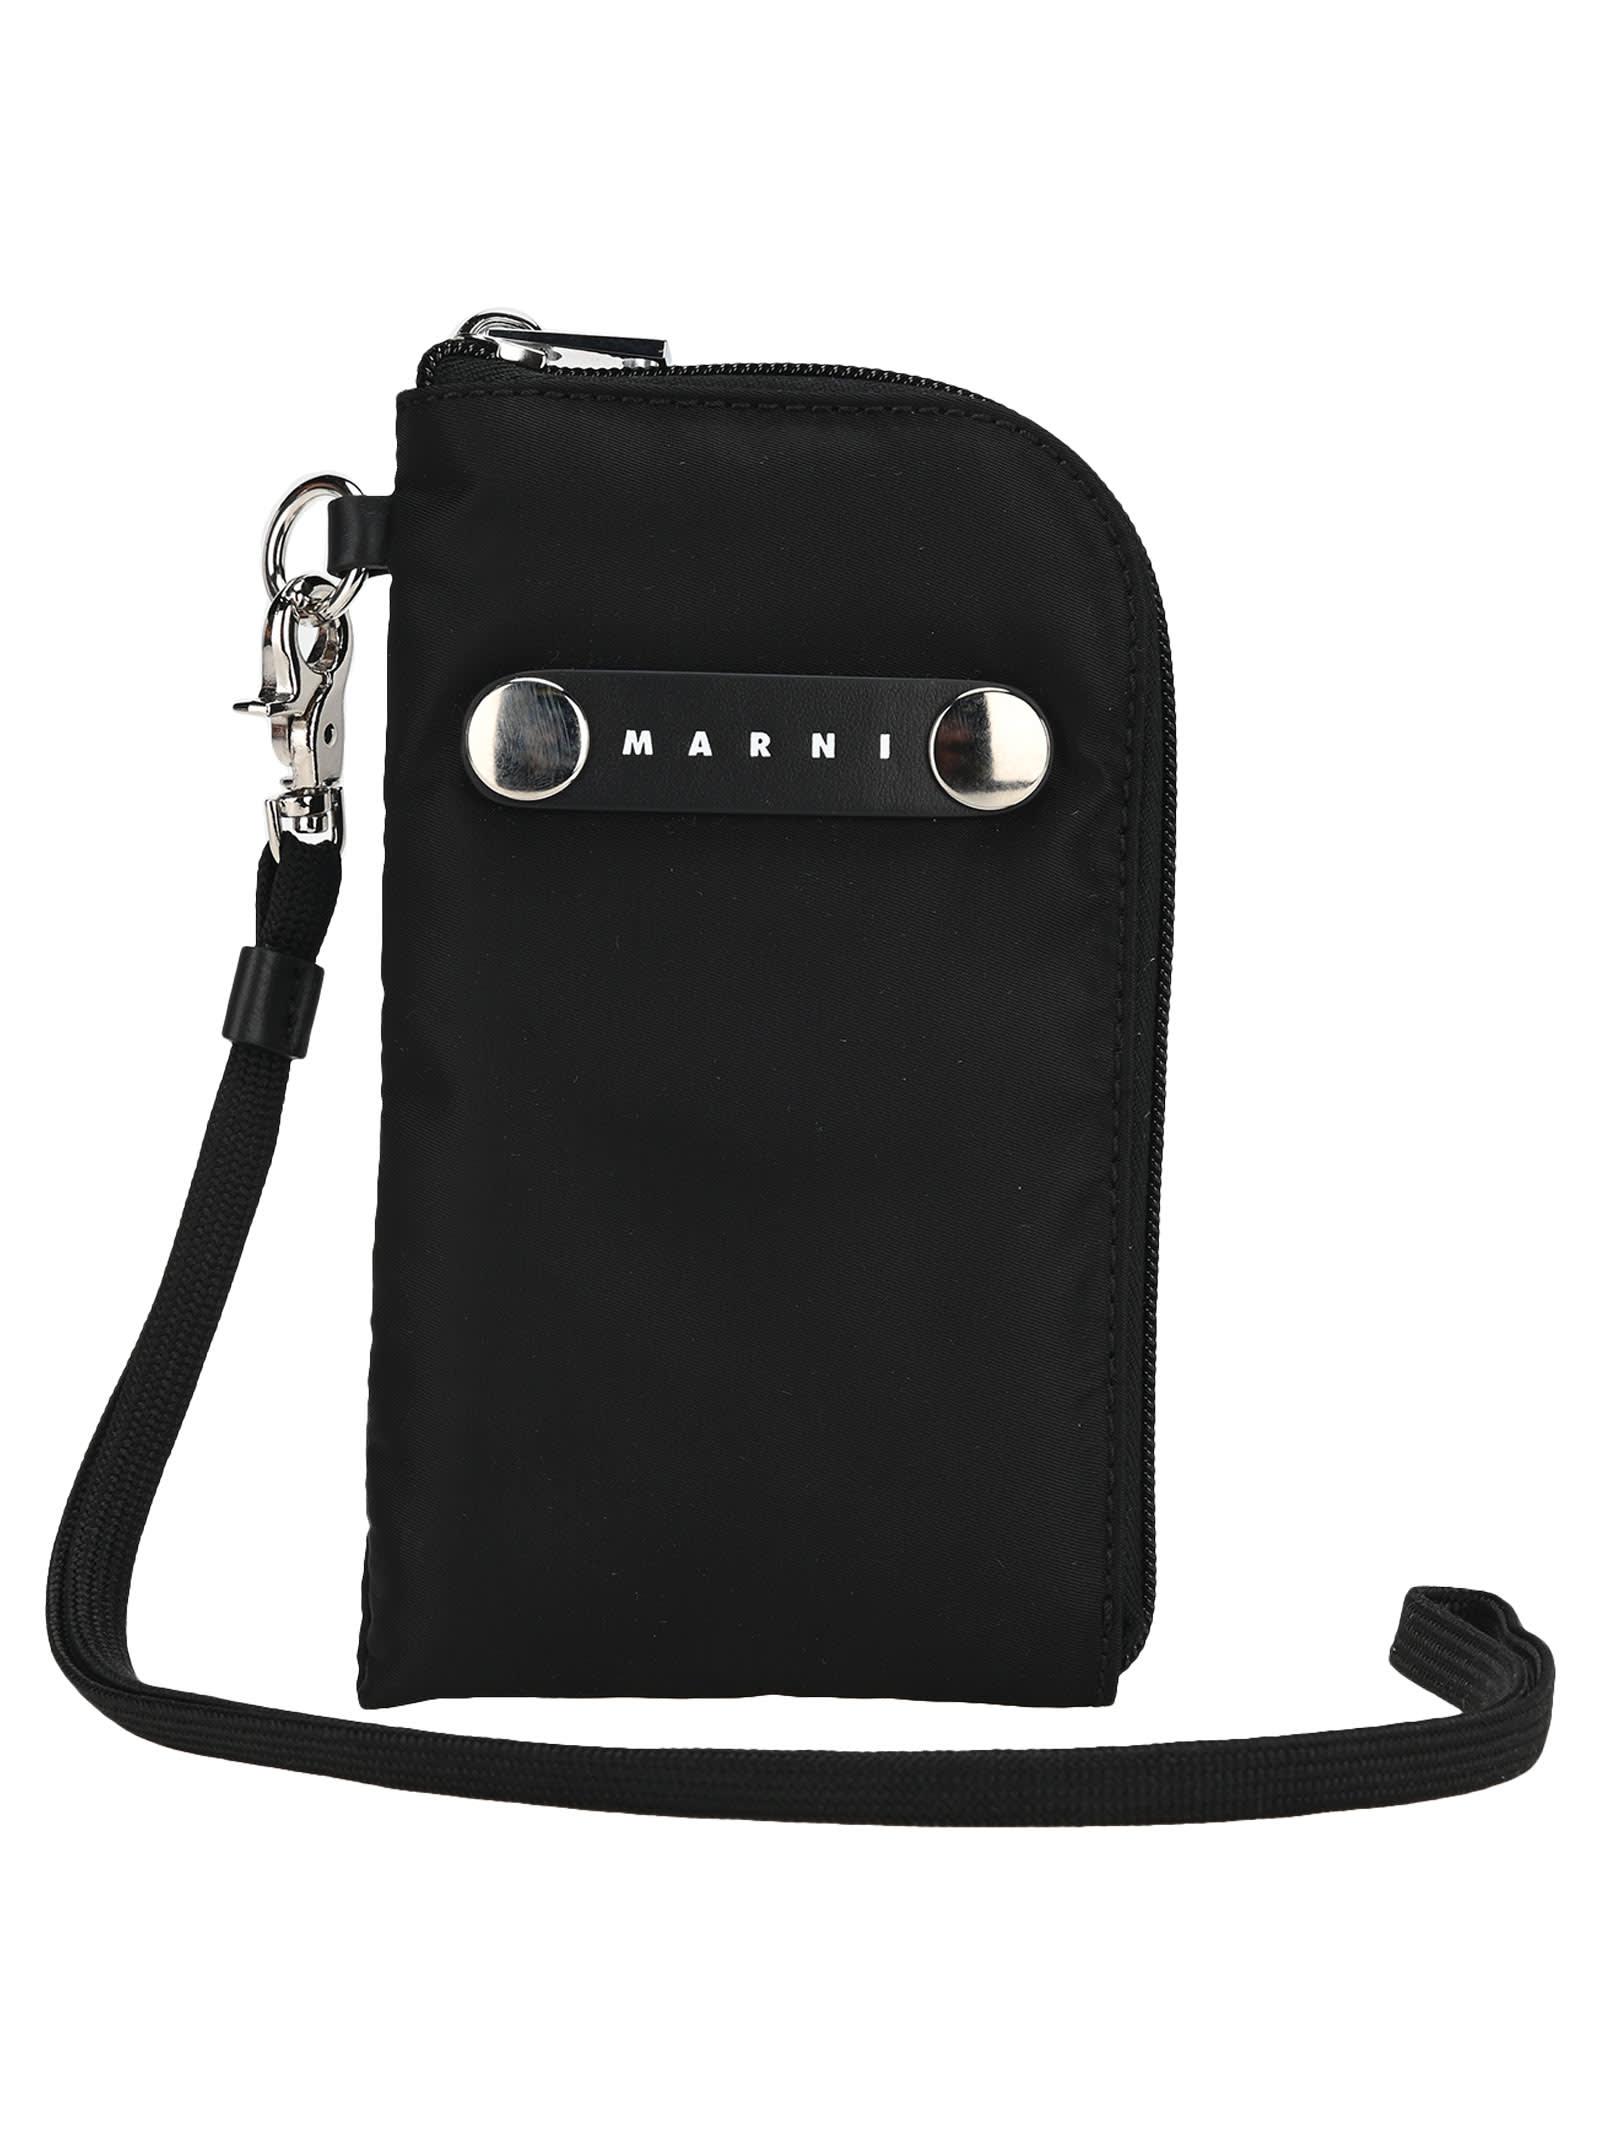 Marni Neck-strap Phone Case